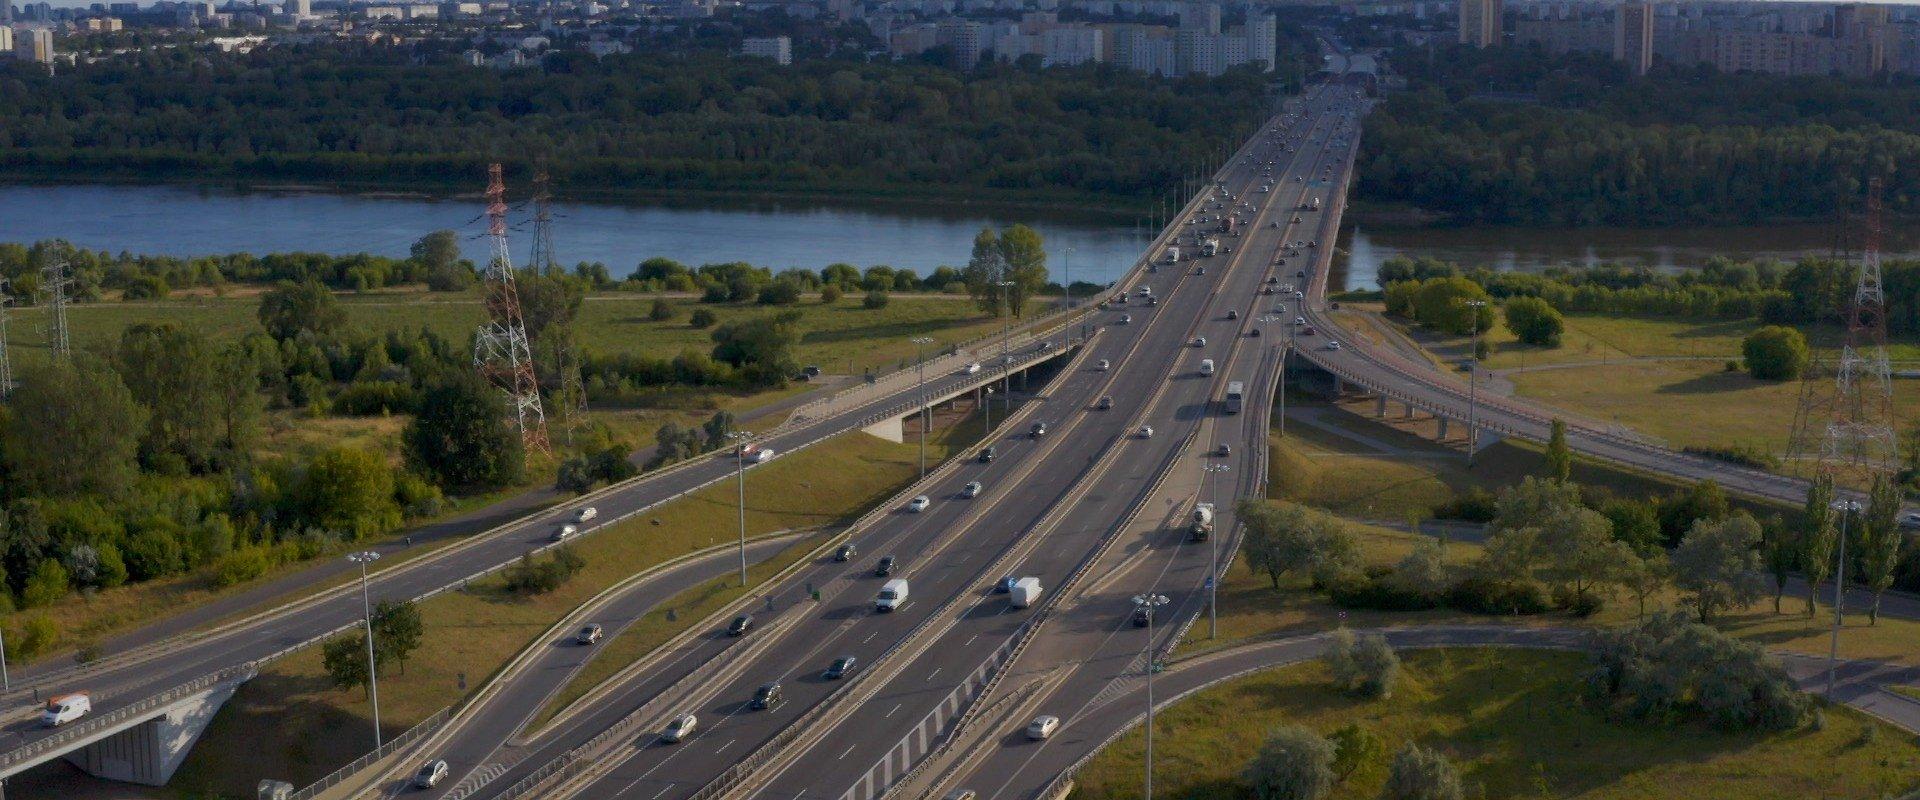 """Wszystkie drogi prowadzą do…– 5. odcinek """"Jak funkcjonuje miasto?"""" już 30 lipca na Discovery Channel!"""